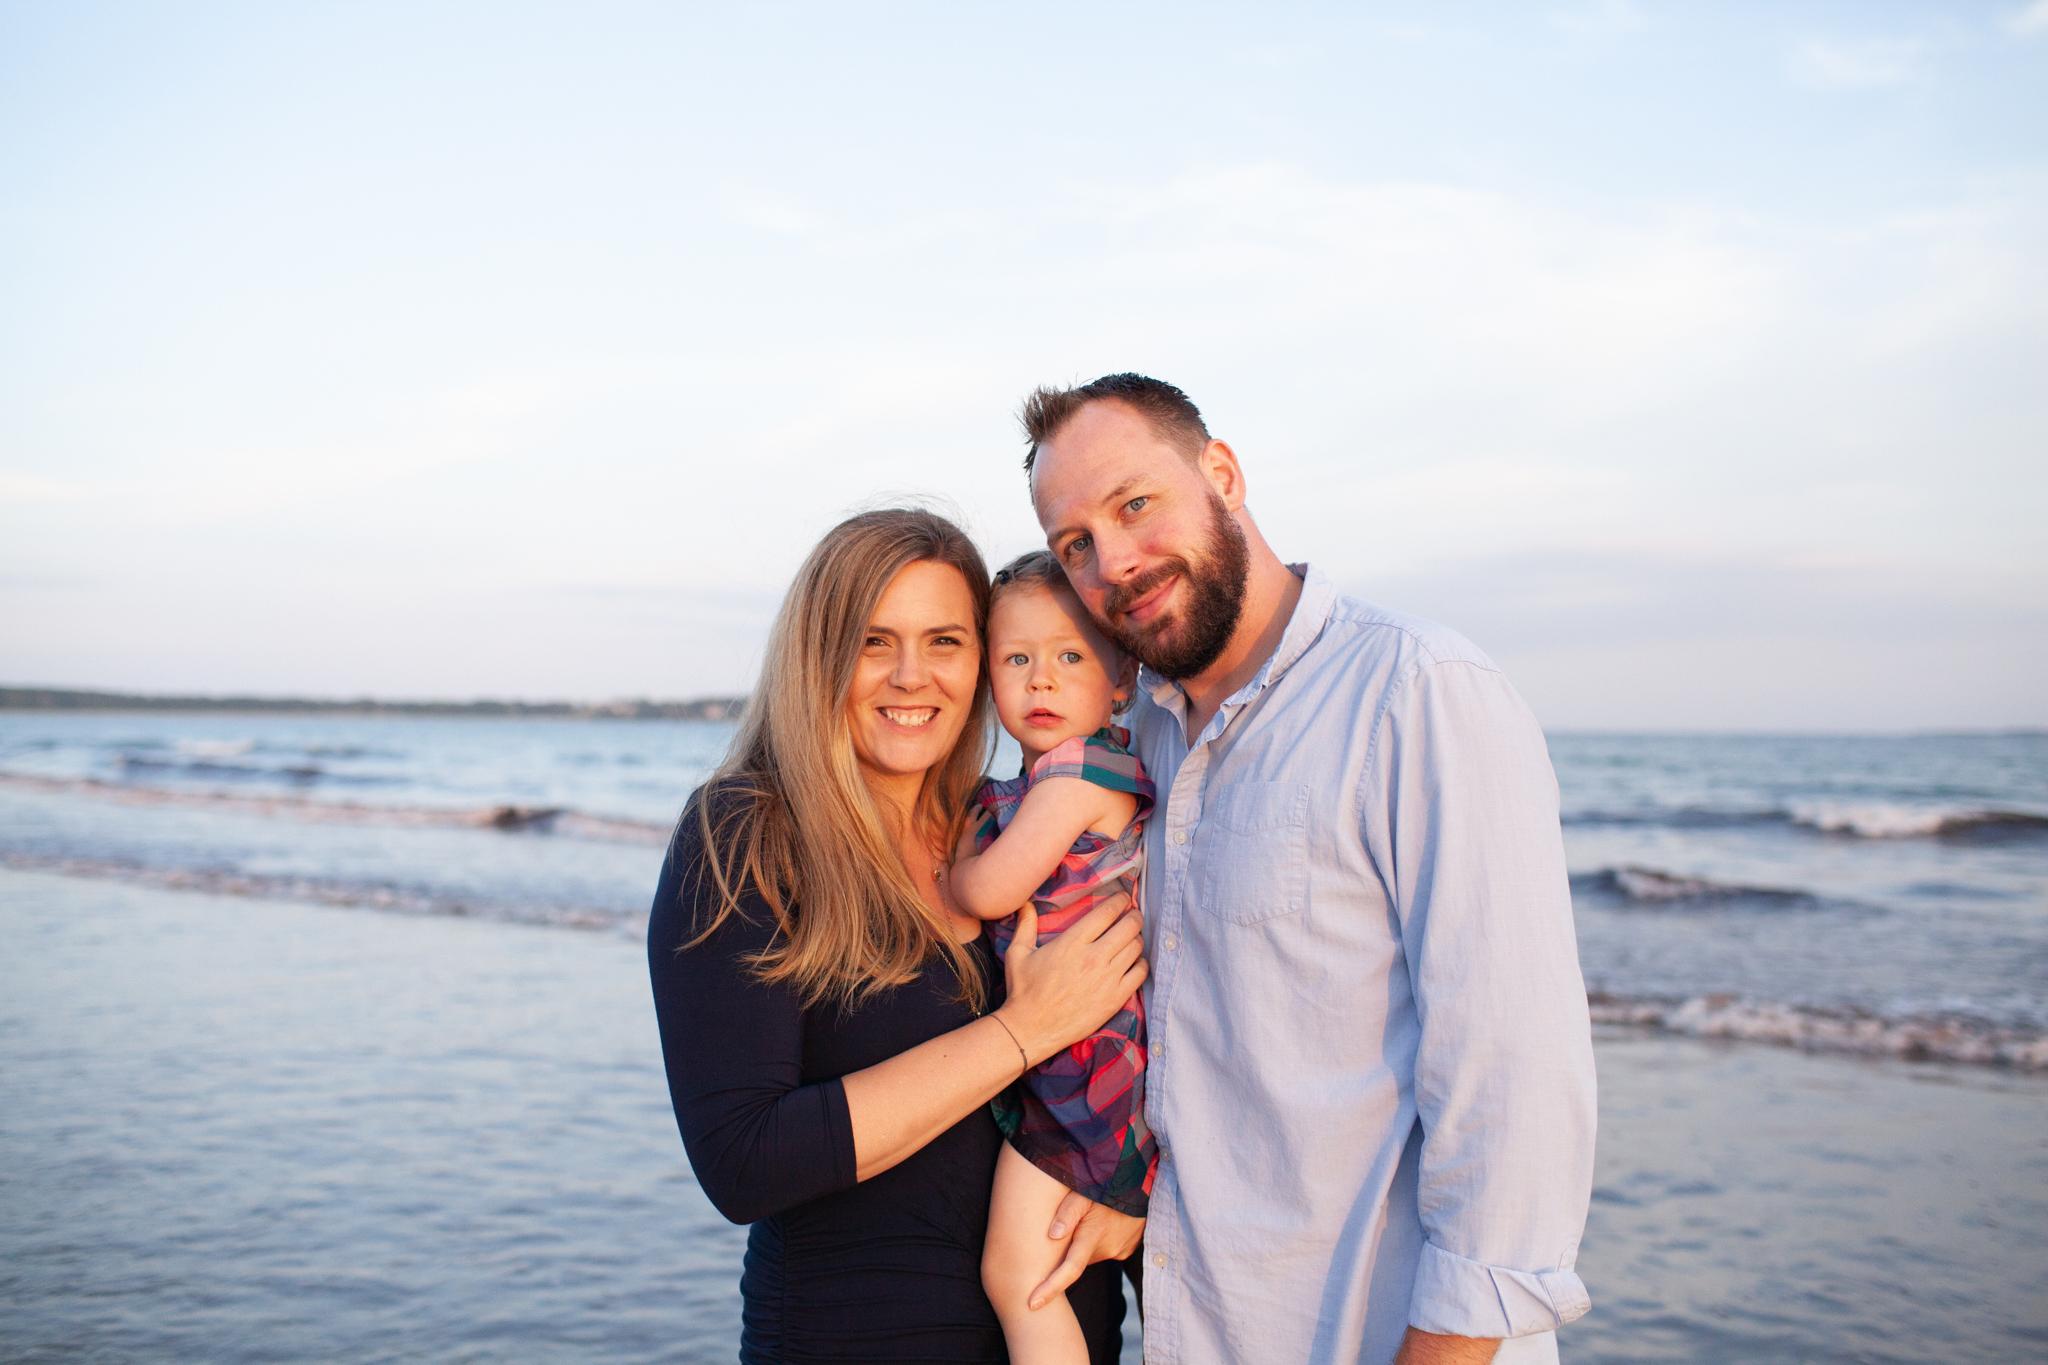 maine-family-photography-pine-point- beach-102.jpg